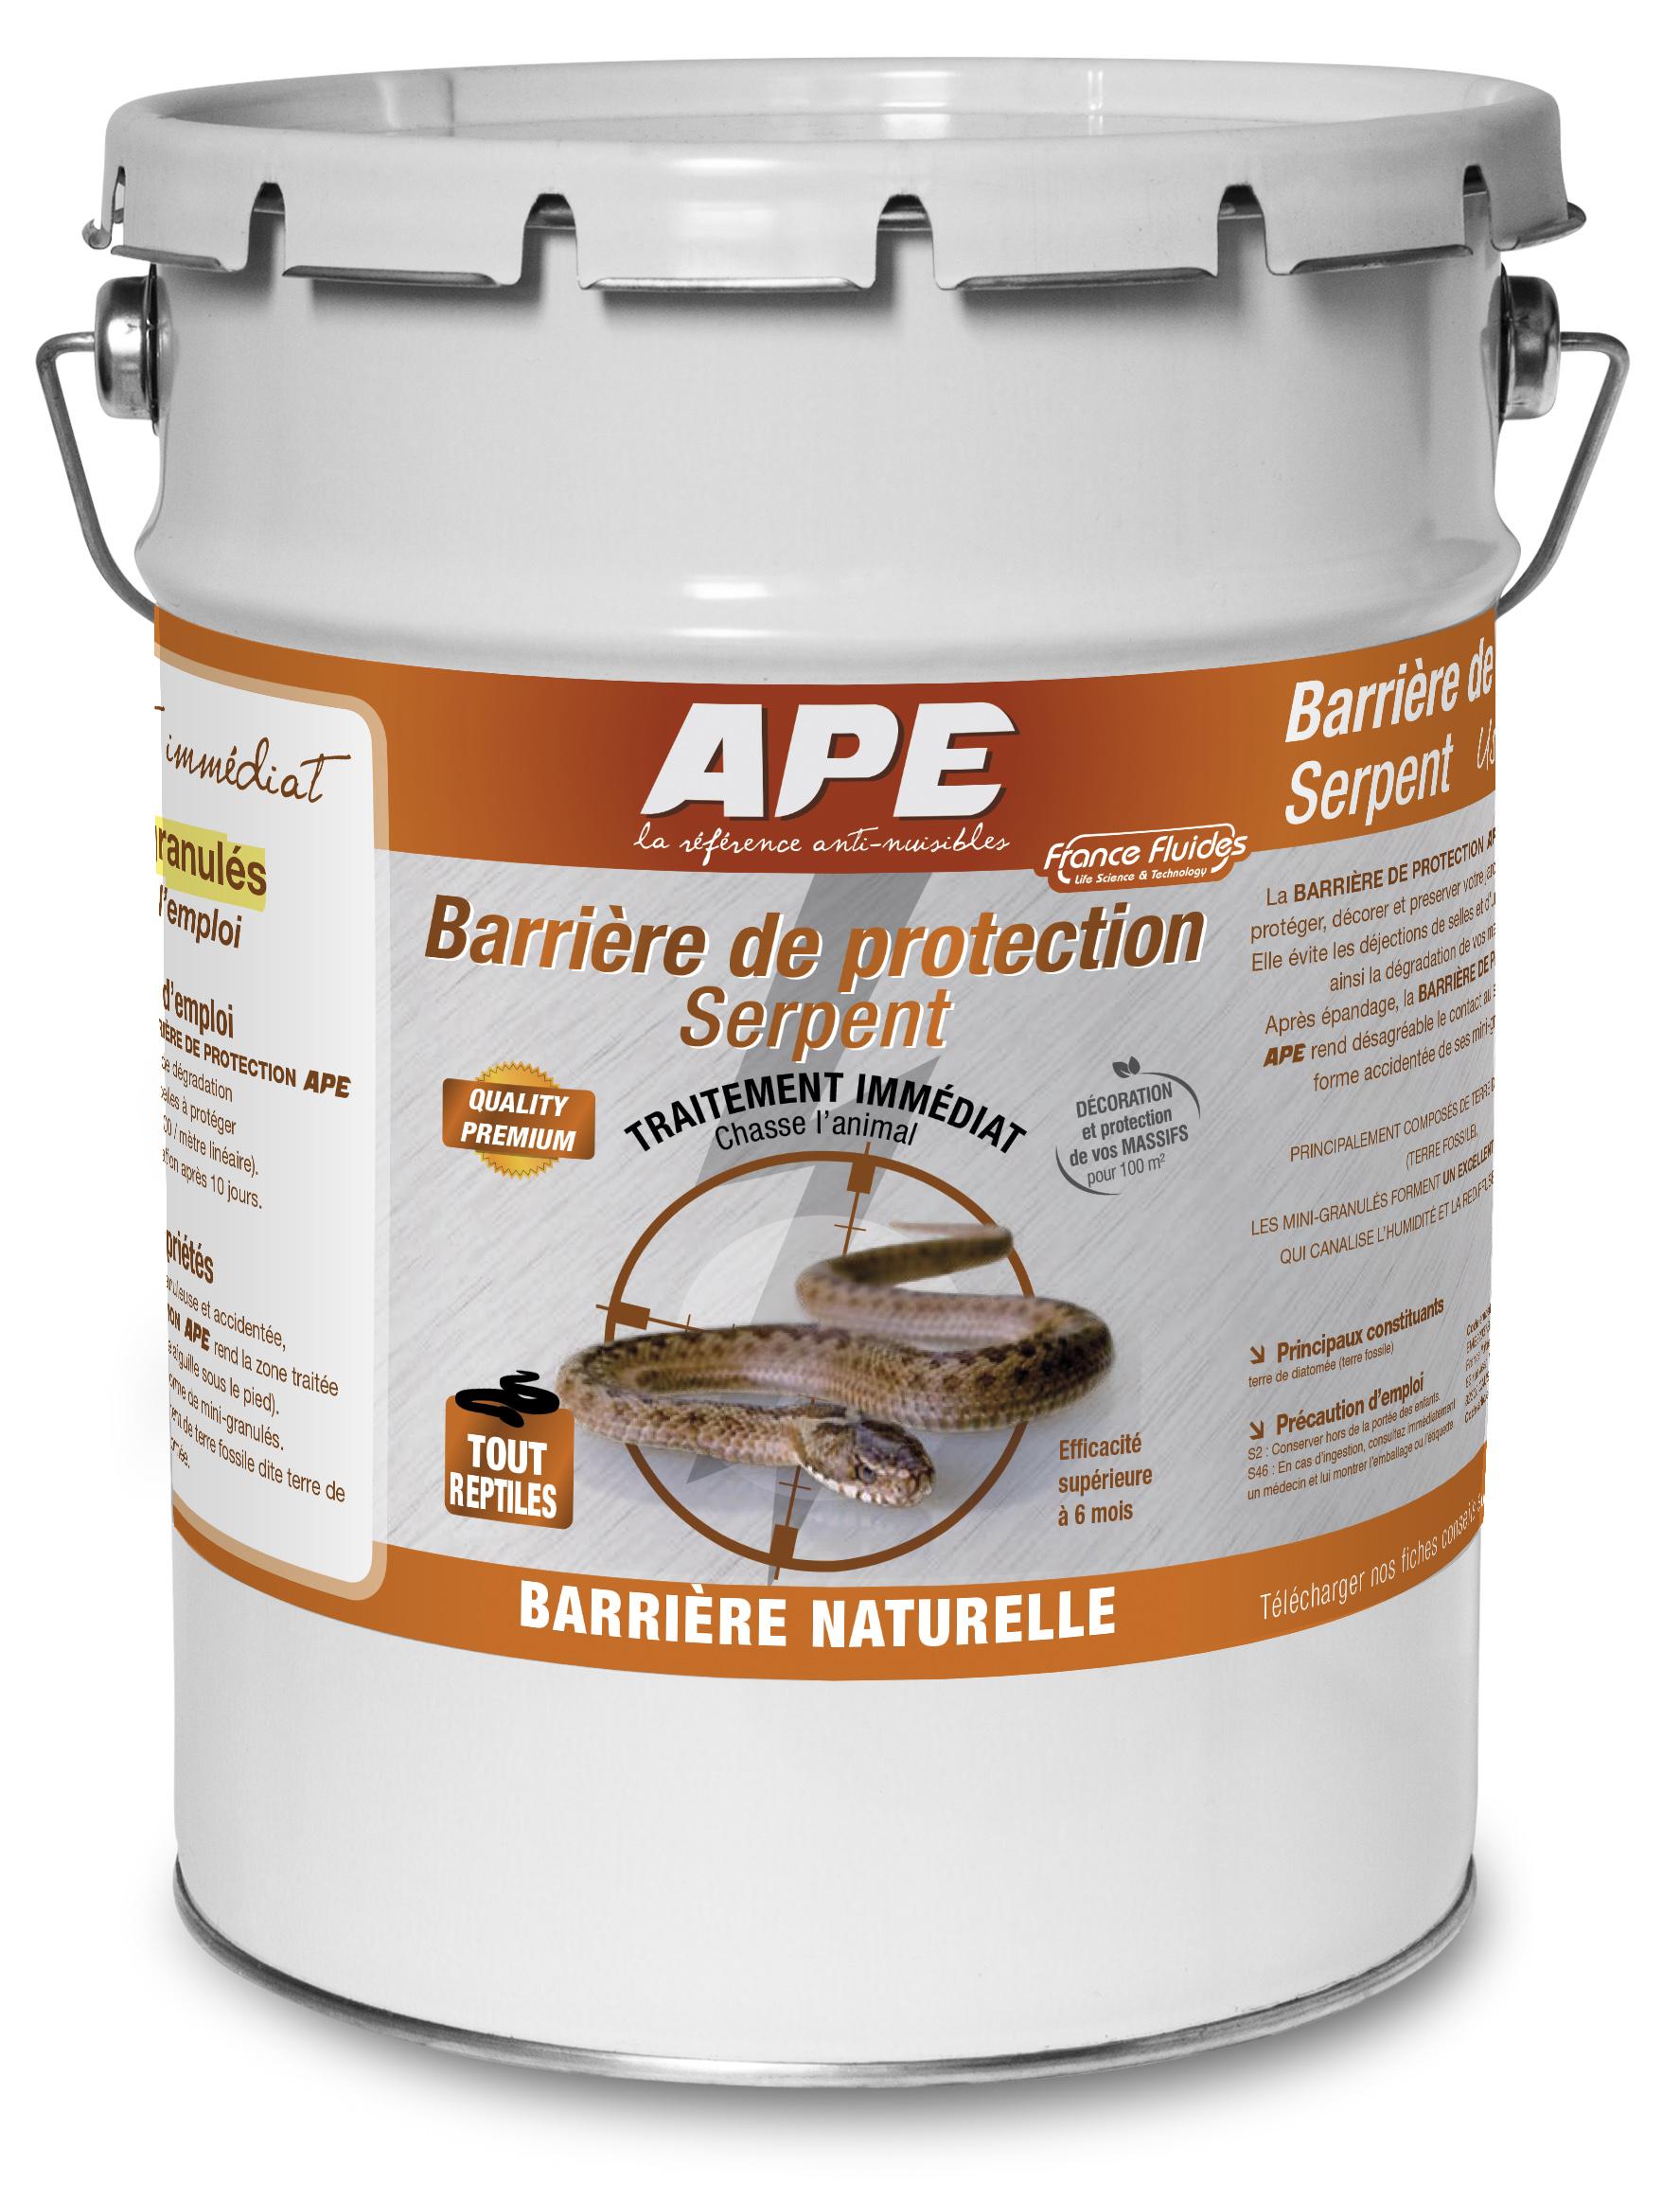 P l v ape france fluides for Barriere de protection